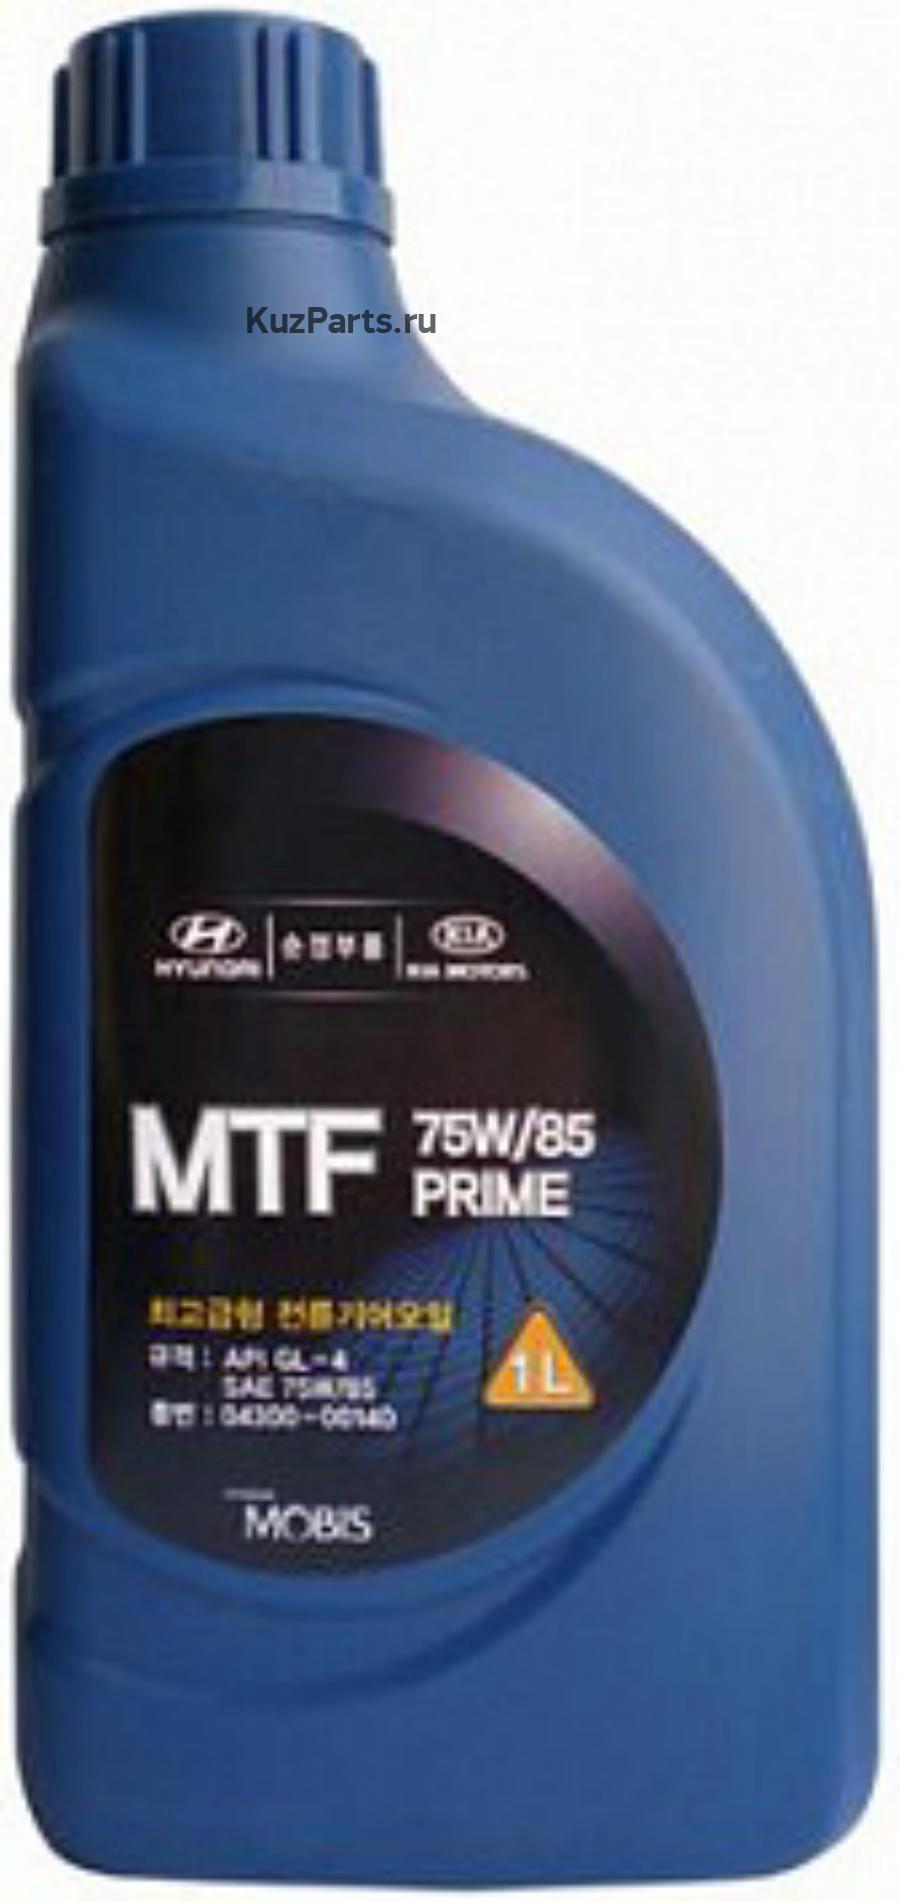 Масло трансмиссионное полусинтетическое MTF PRIME 75W-85, 1л